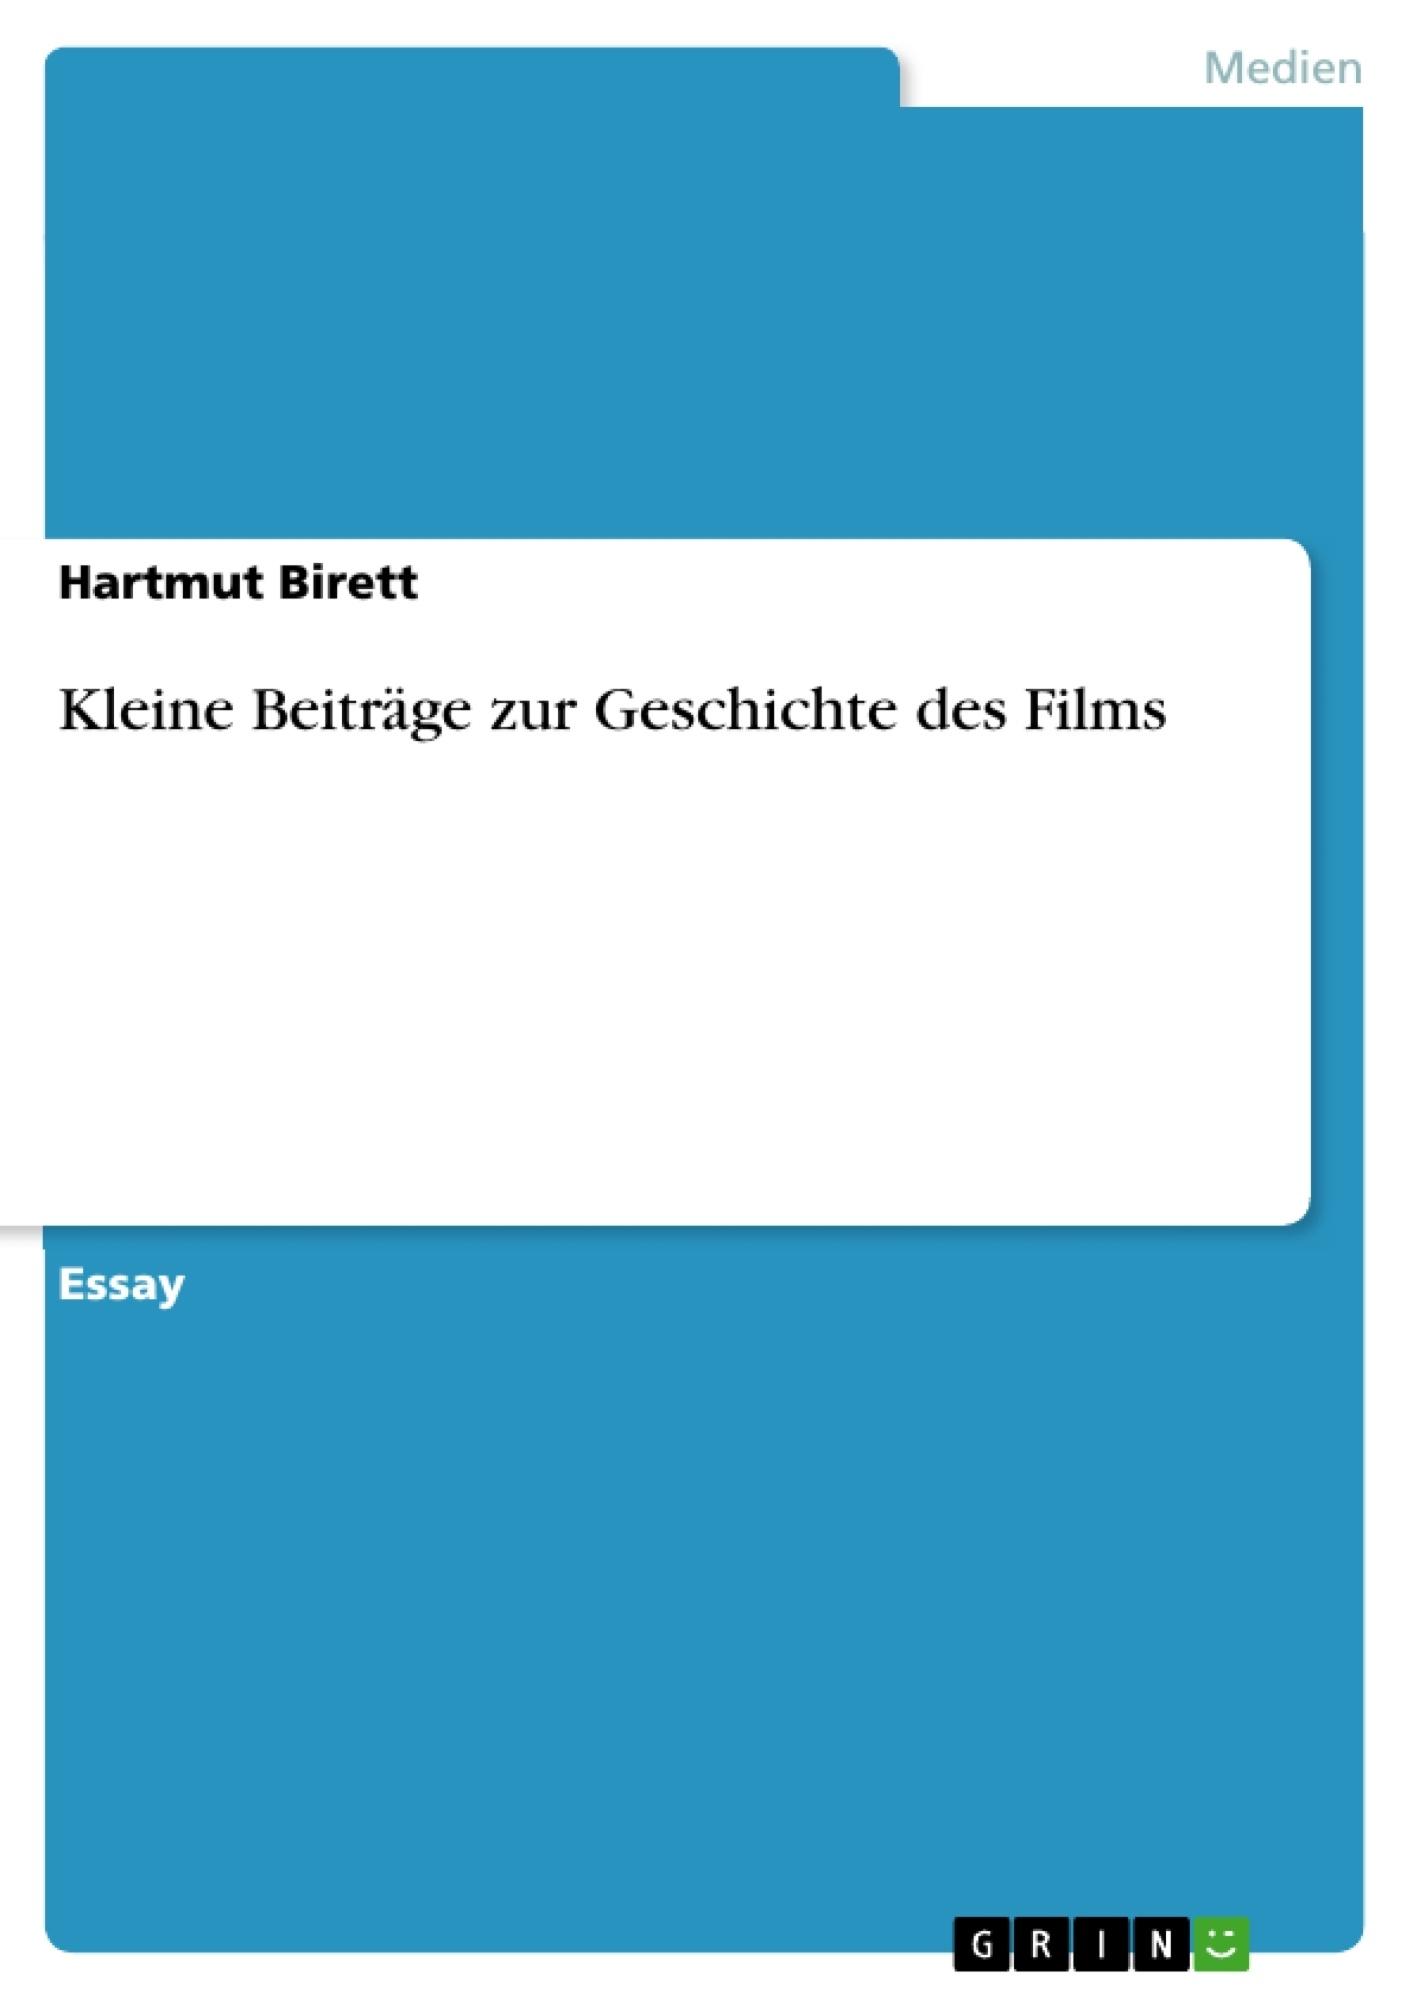 Titel: Kleine Beiträge zur Geschichte des Films